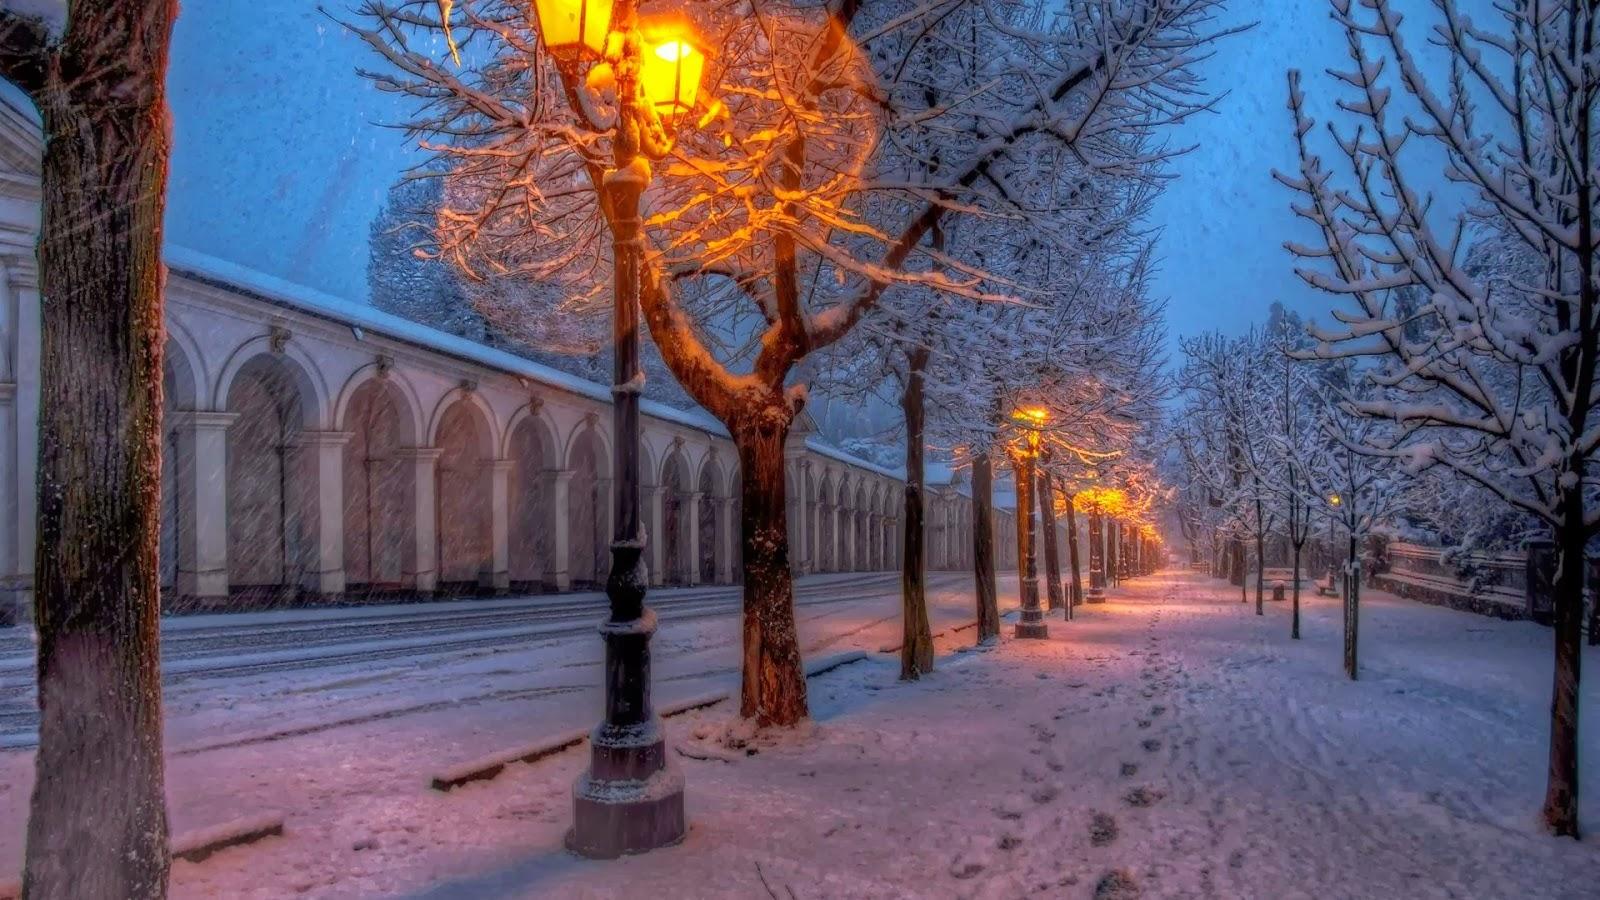 صور كلمات عن الشتاء , الشتاء واجمل كلمات الدافئ والامان